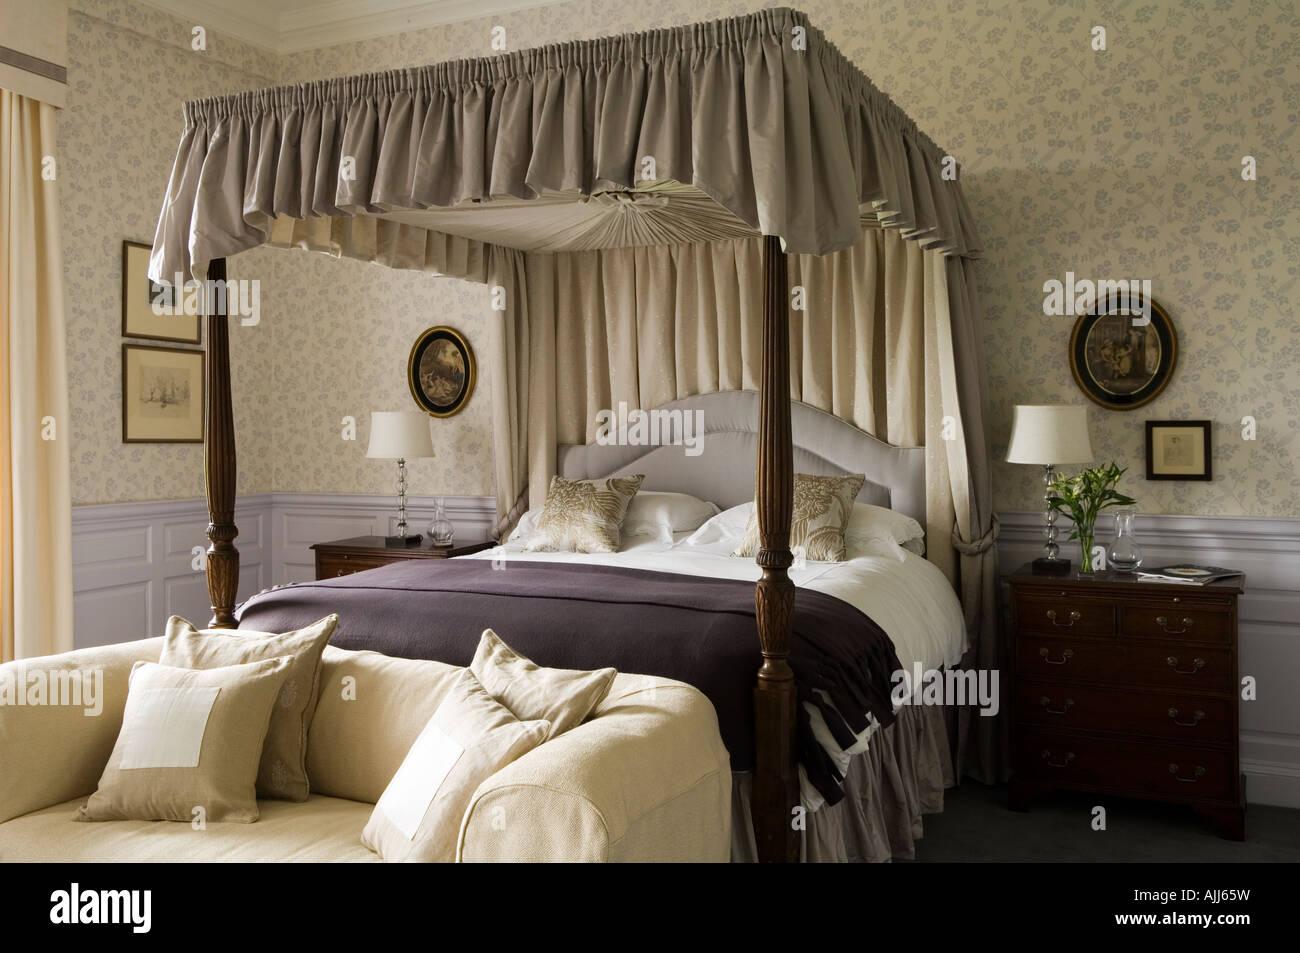 Lit à baldaquin et un canapé dans la chambre avec du papier peint à motifs violet au 17e siècle Photo Stock